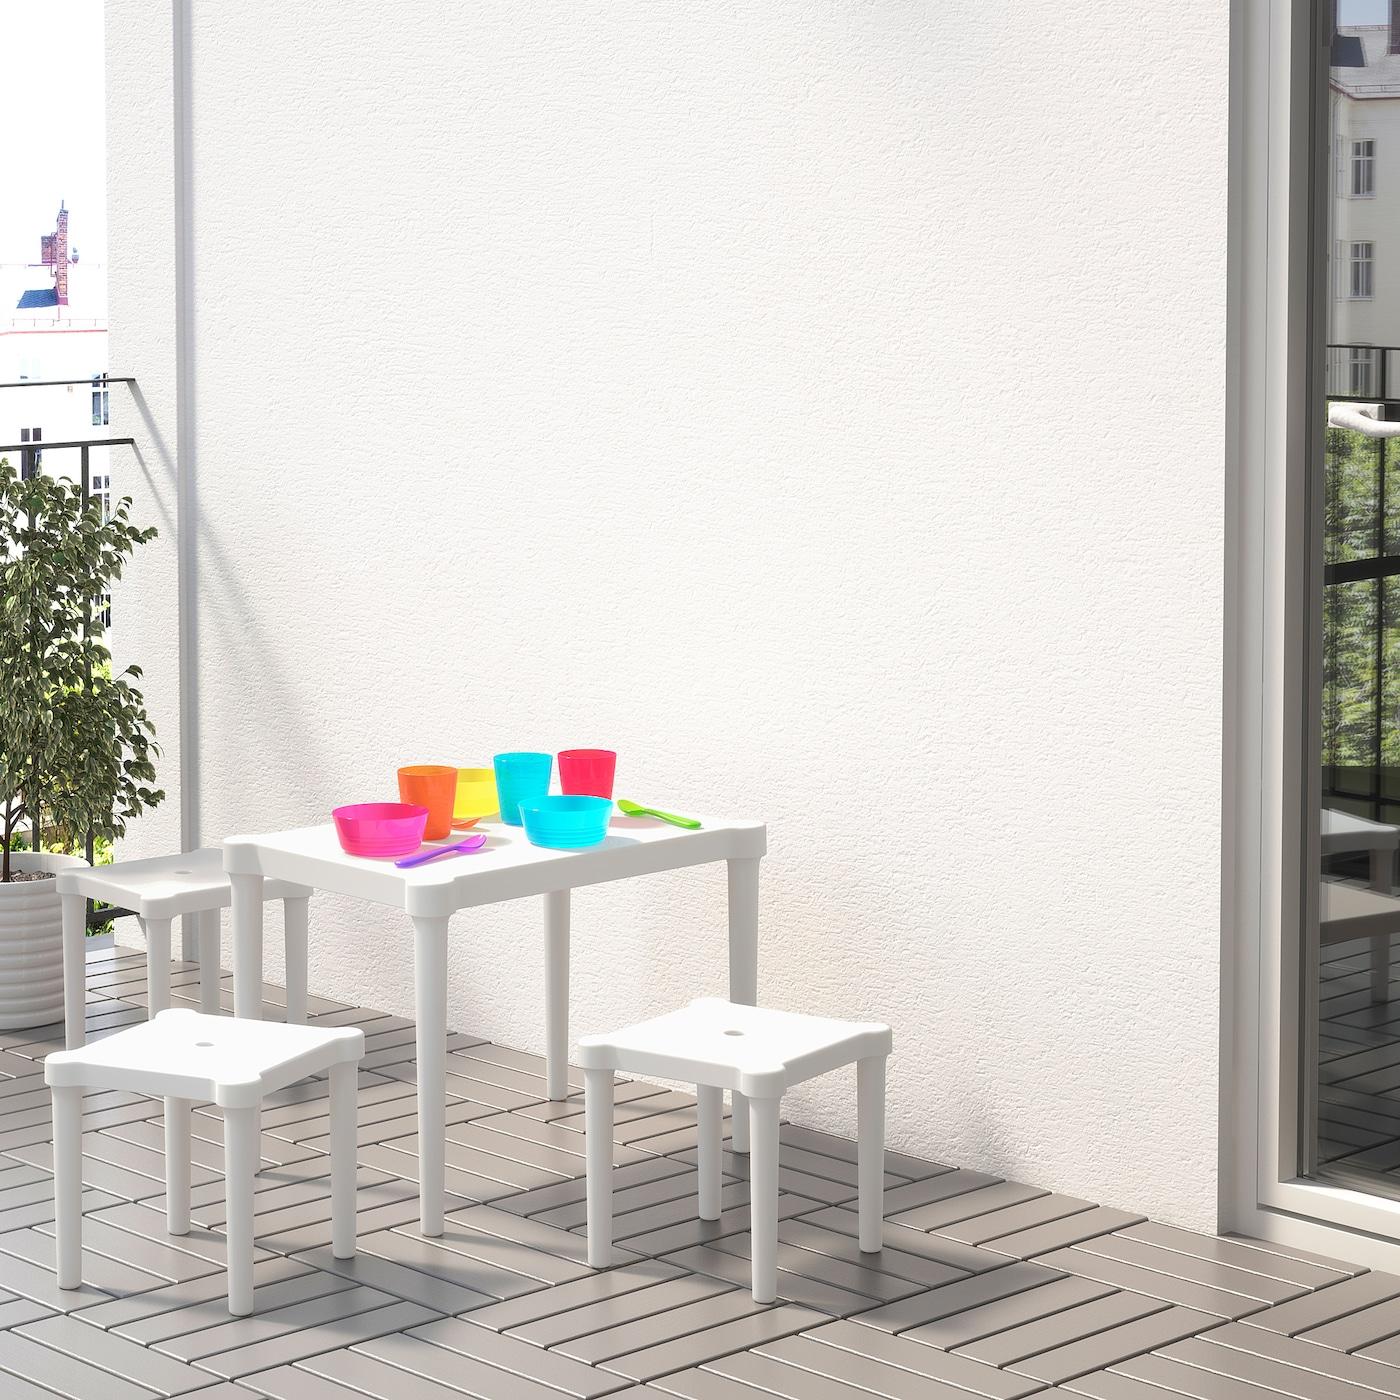 IKEA UTTER Kindertisch in weiß; stapelbar; für drinnen und draußen